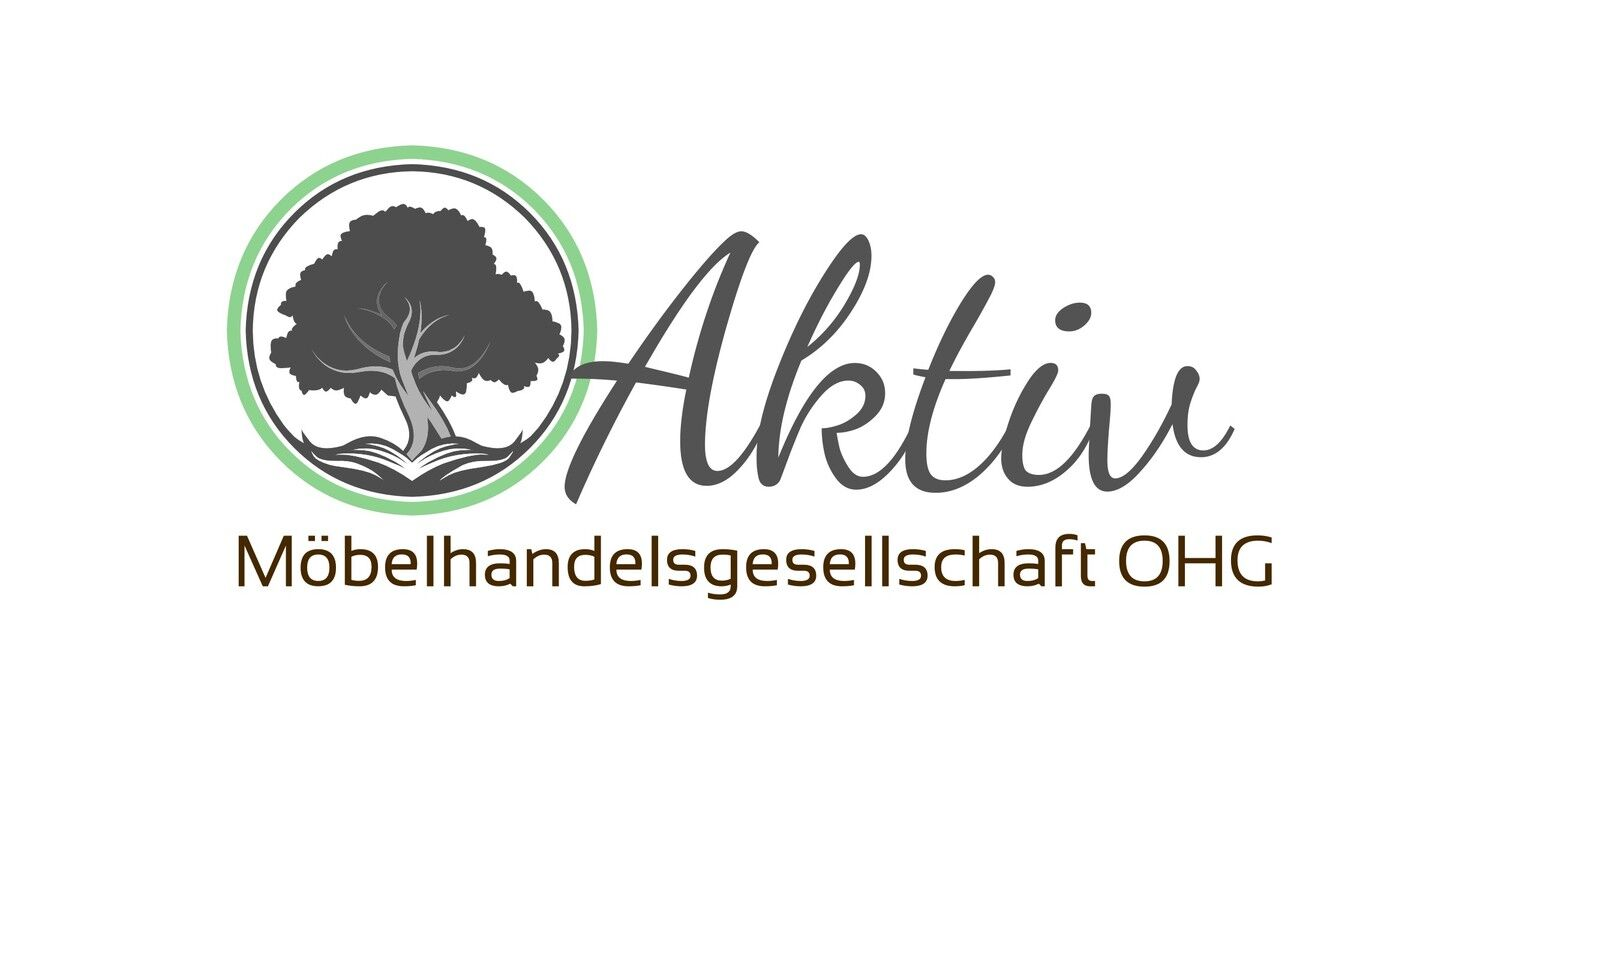 Aktiv_Moebelhandelsgesellschaft_OHG